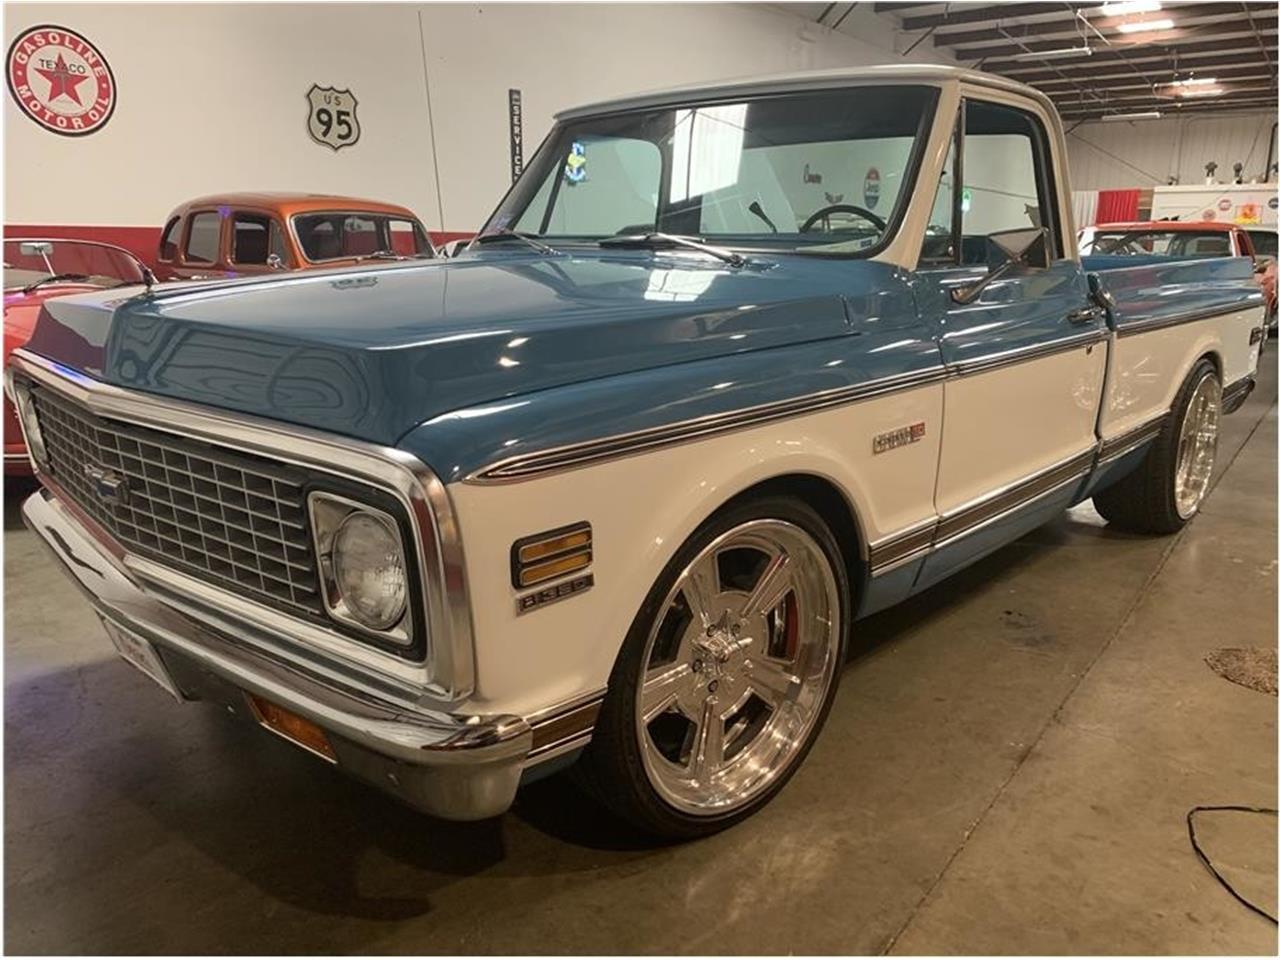 1972 Chevrolet Cheyenne (CC-1189821) for sale in Roseville, California